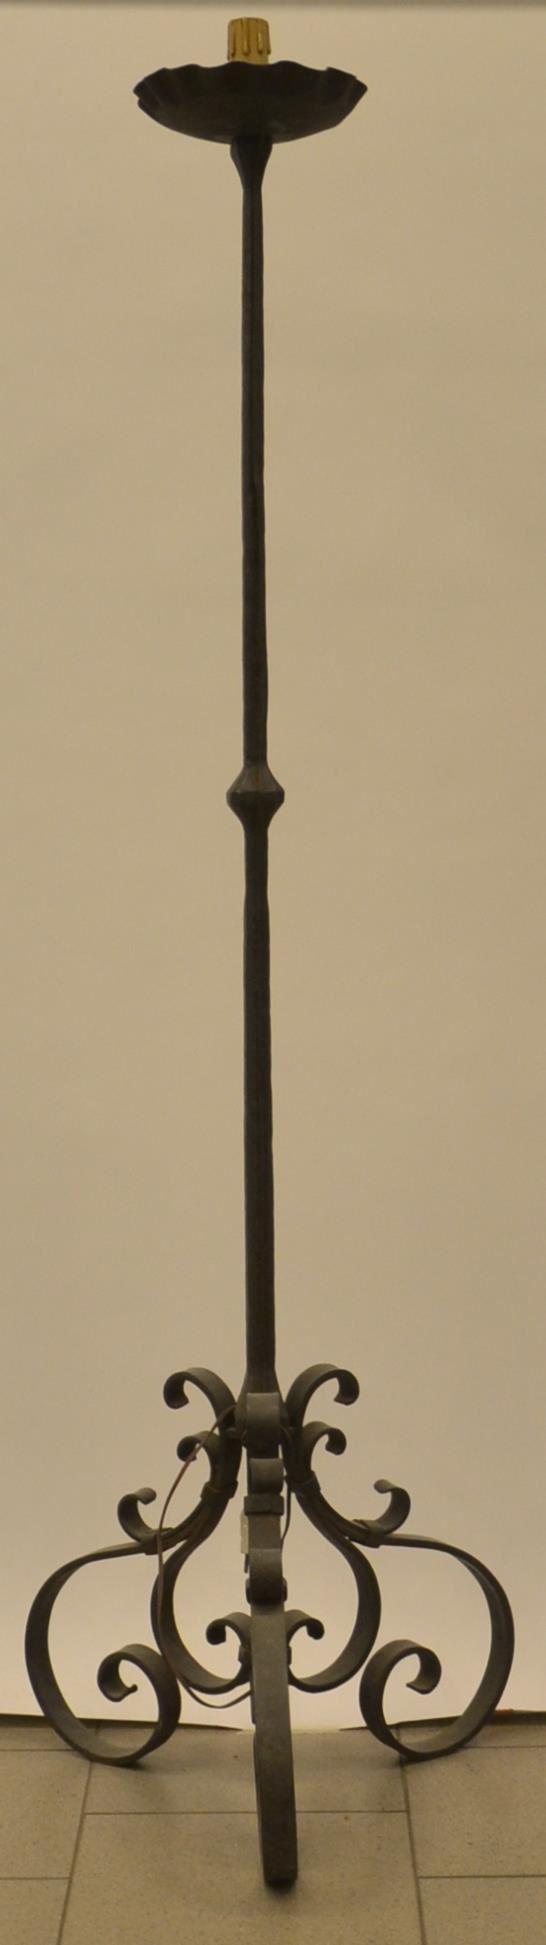 Lume da terra, sec. XX, in ferro battuto,